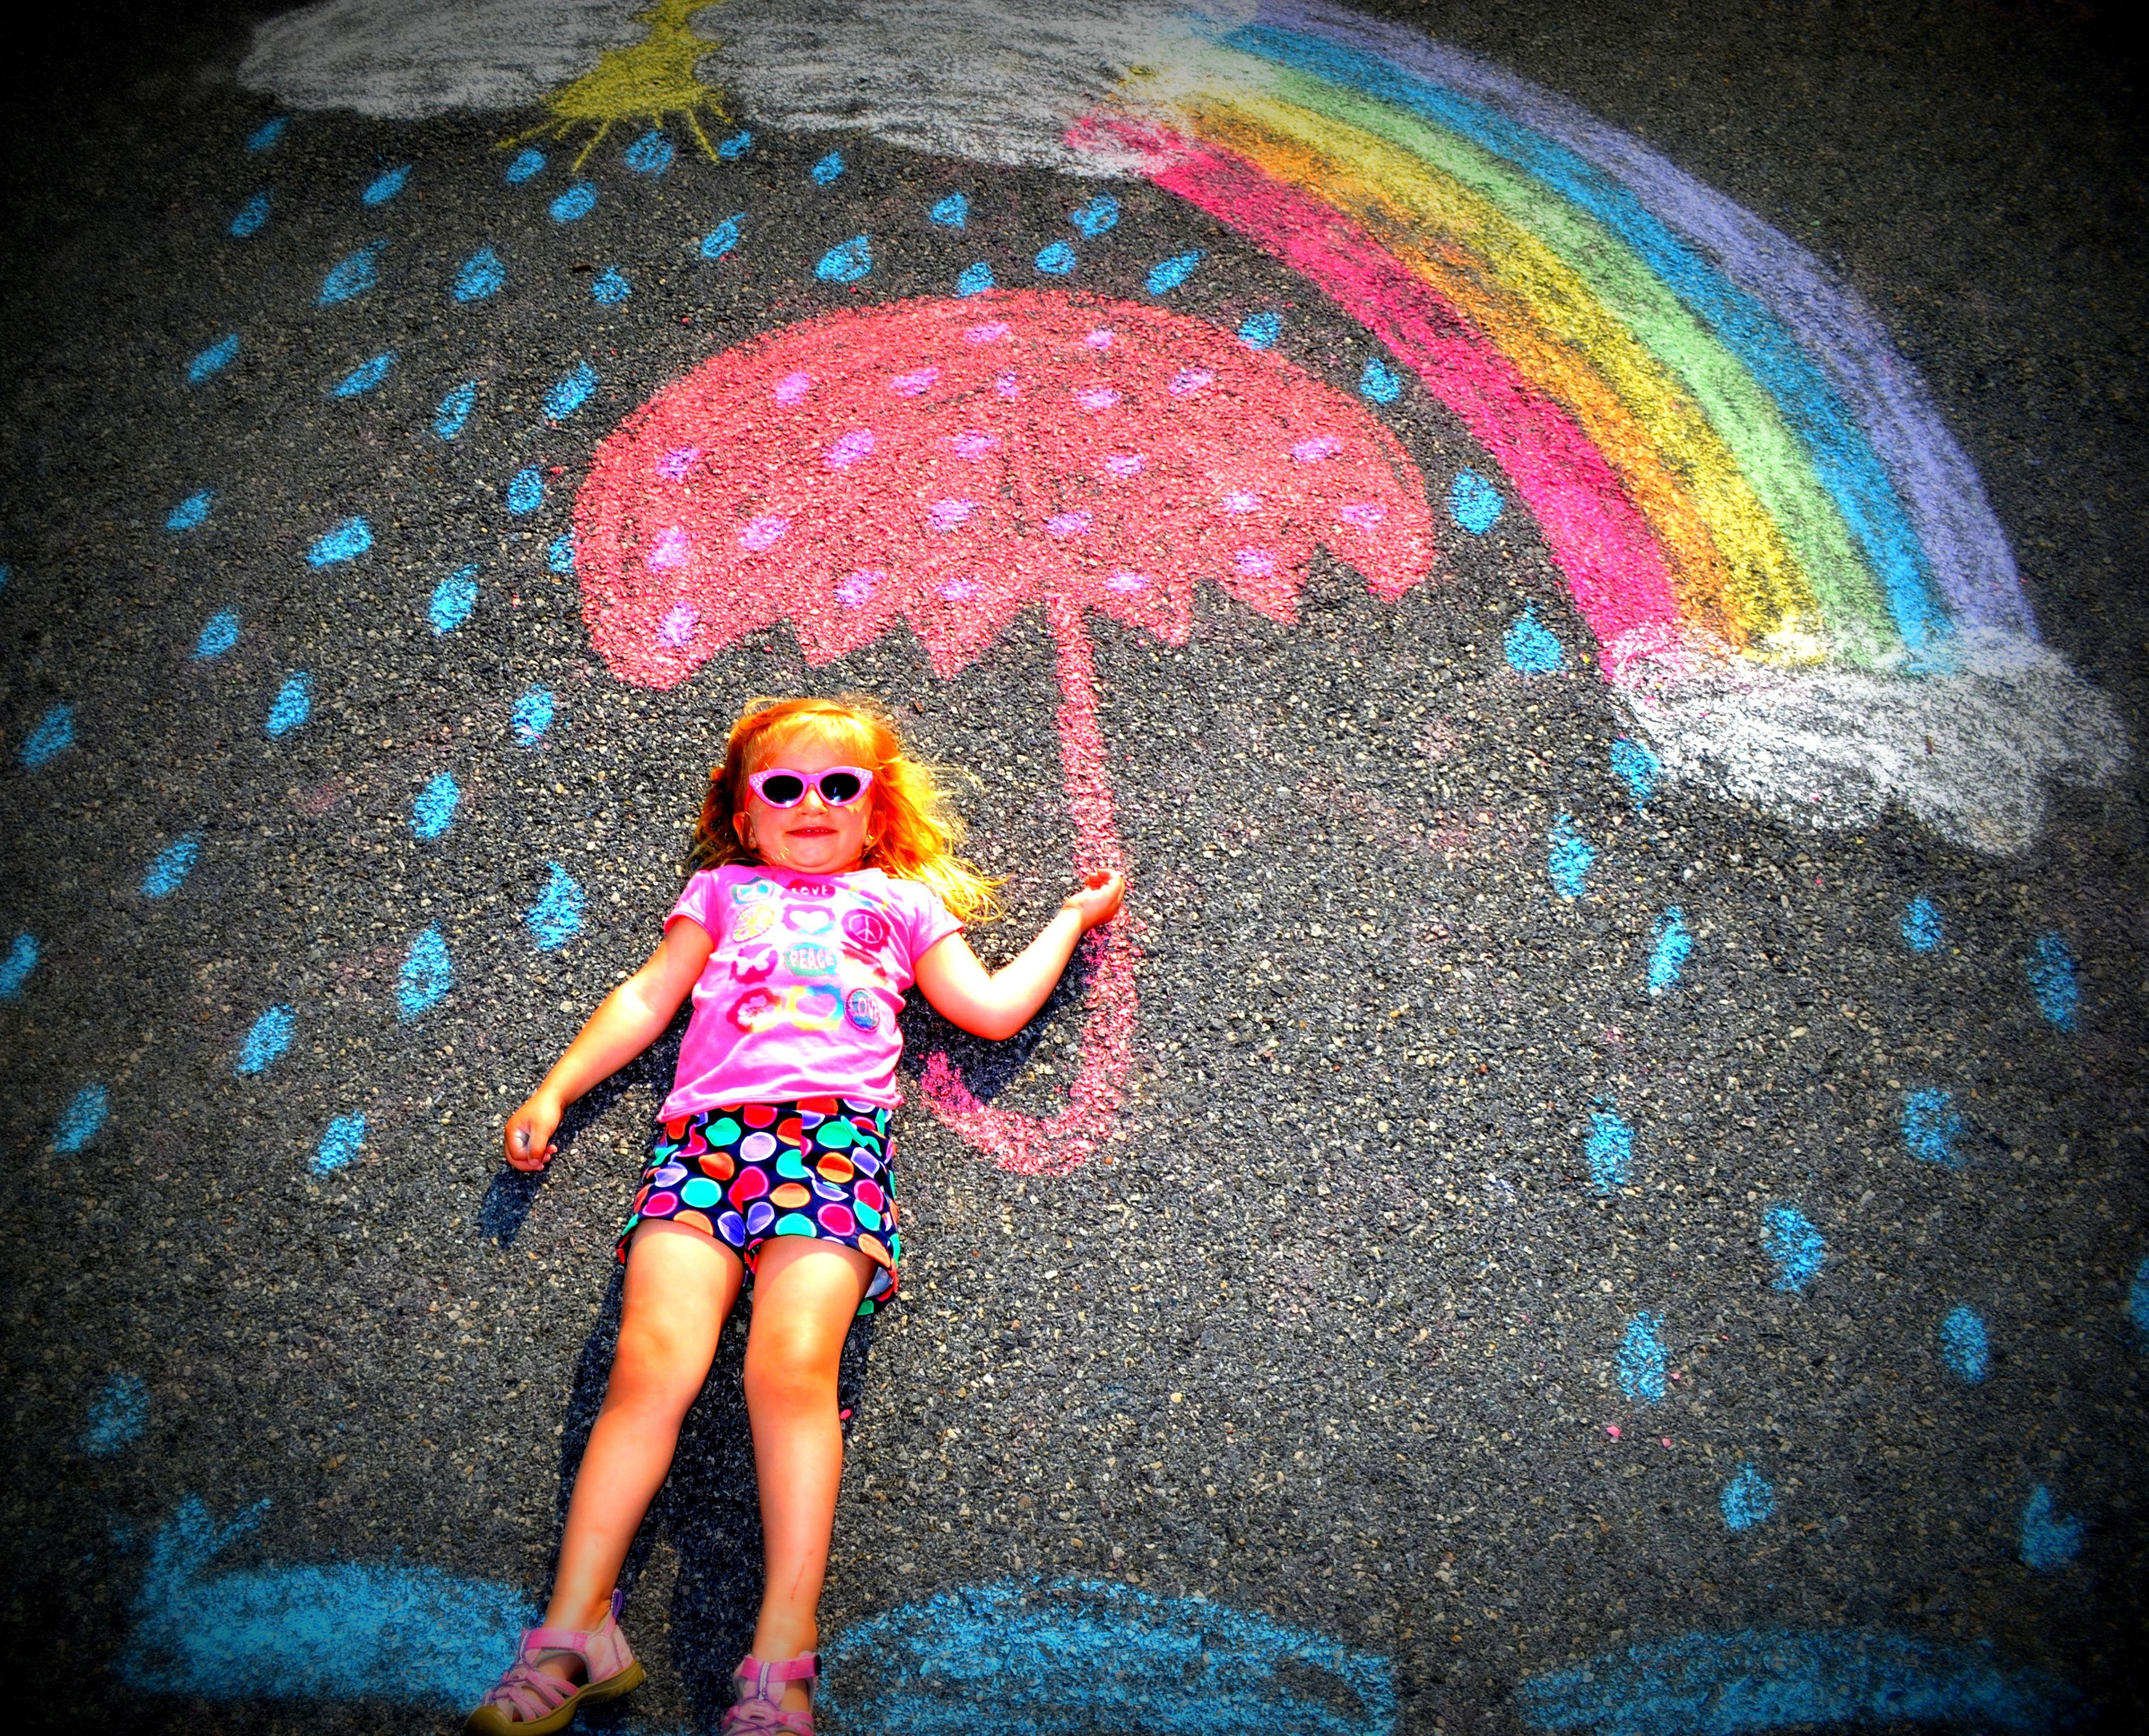 киоск фото с рисунками на асфальте ссыт девке рот